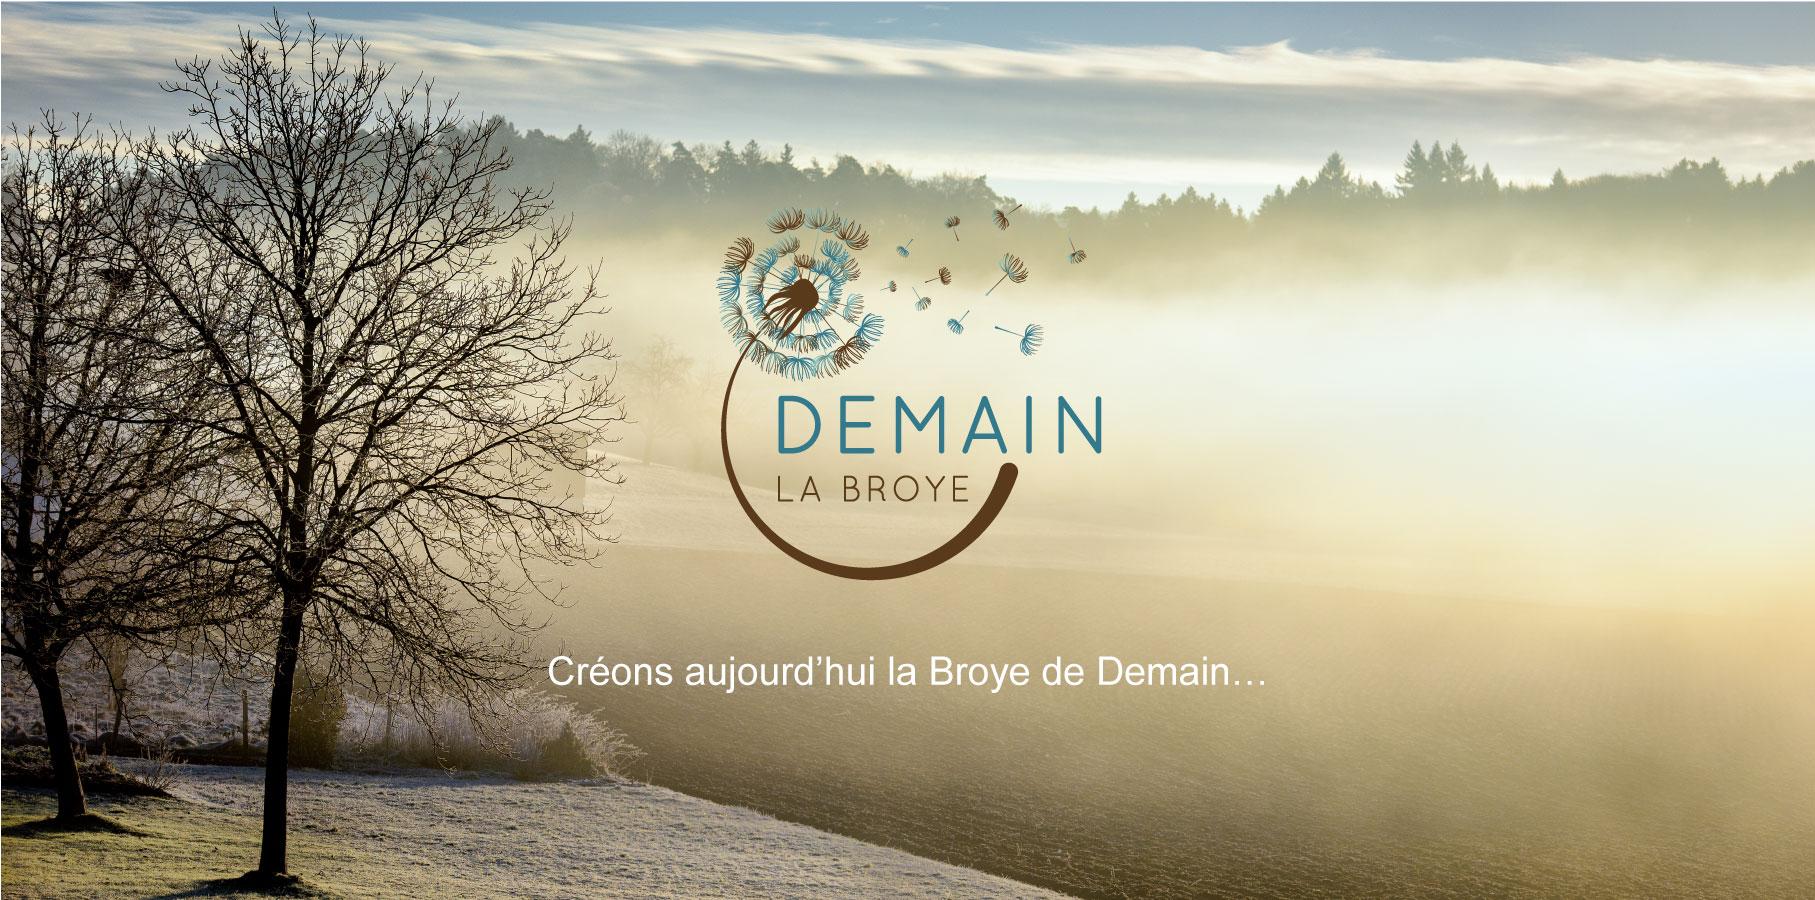 Demain la Broye